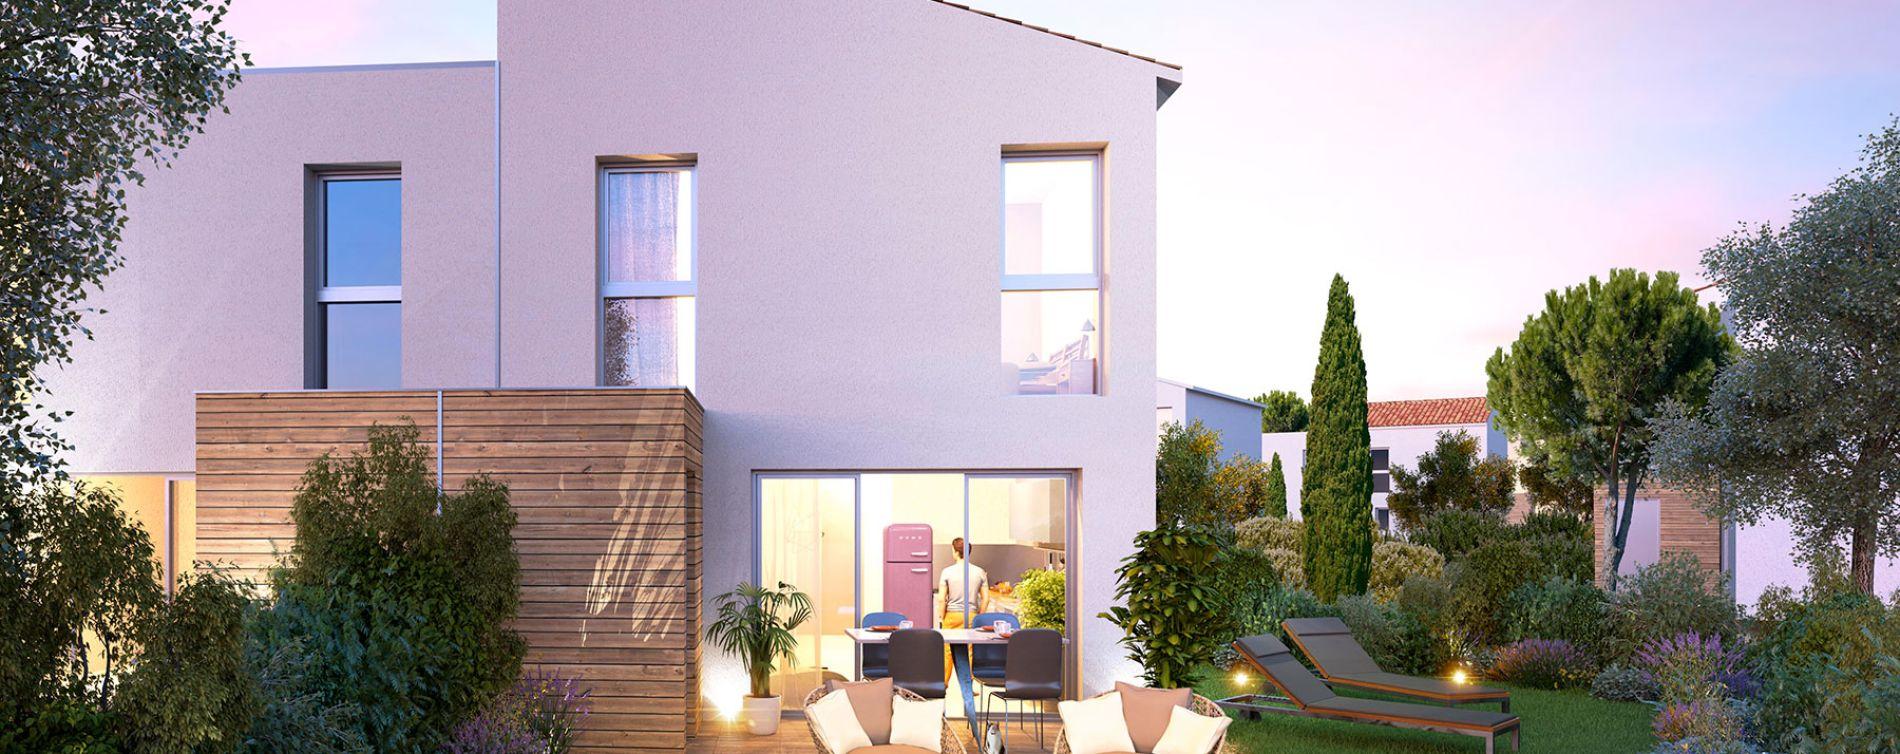 Résidence Les Jardins d'Artemis à Agde